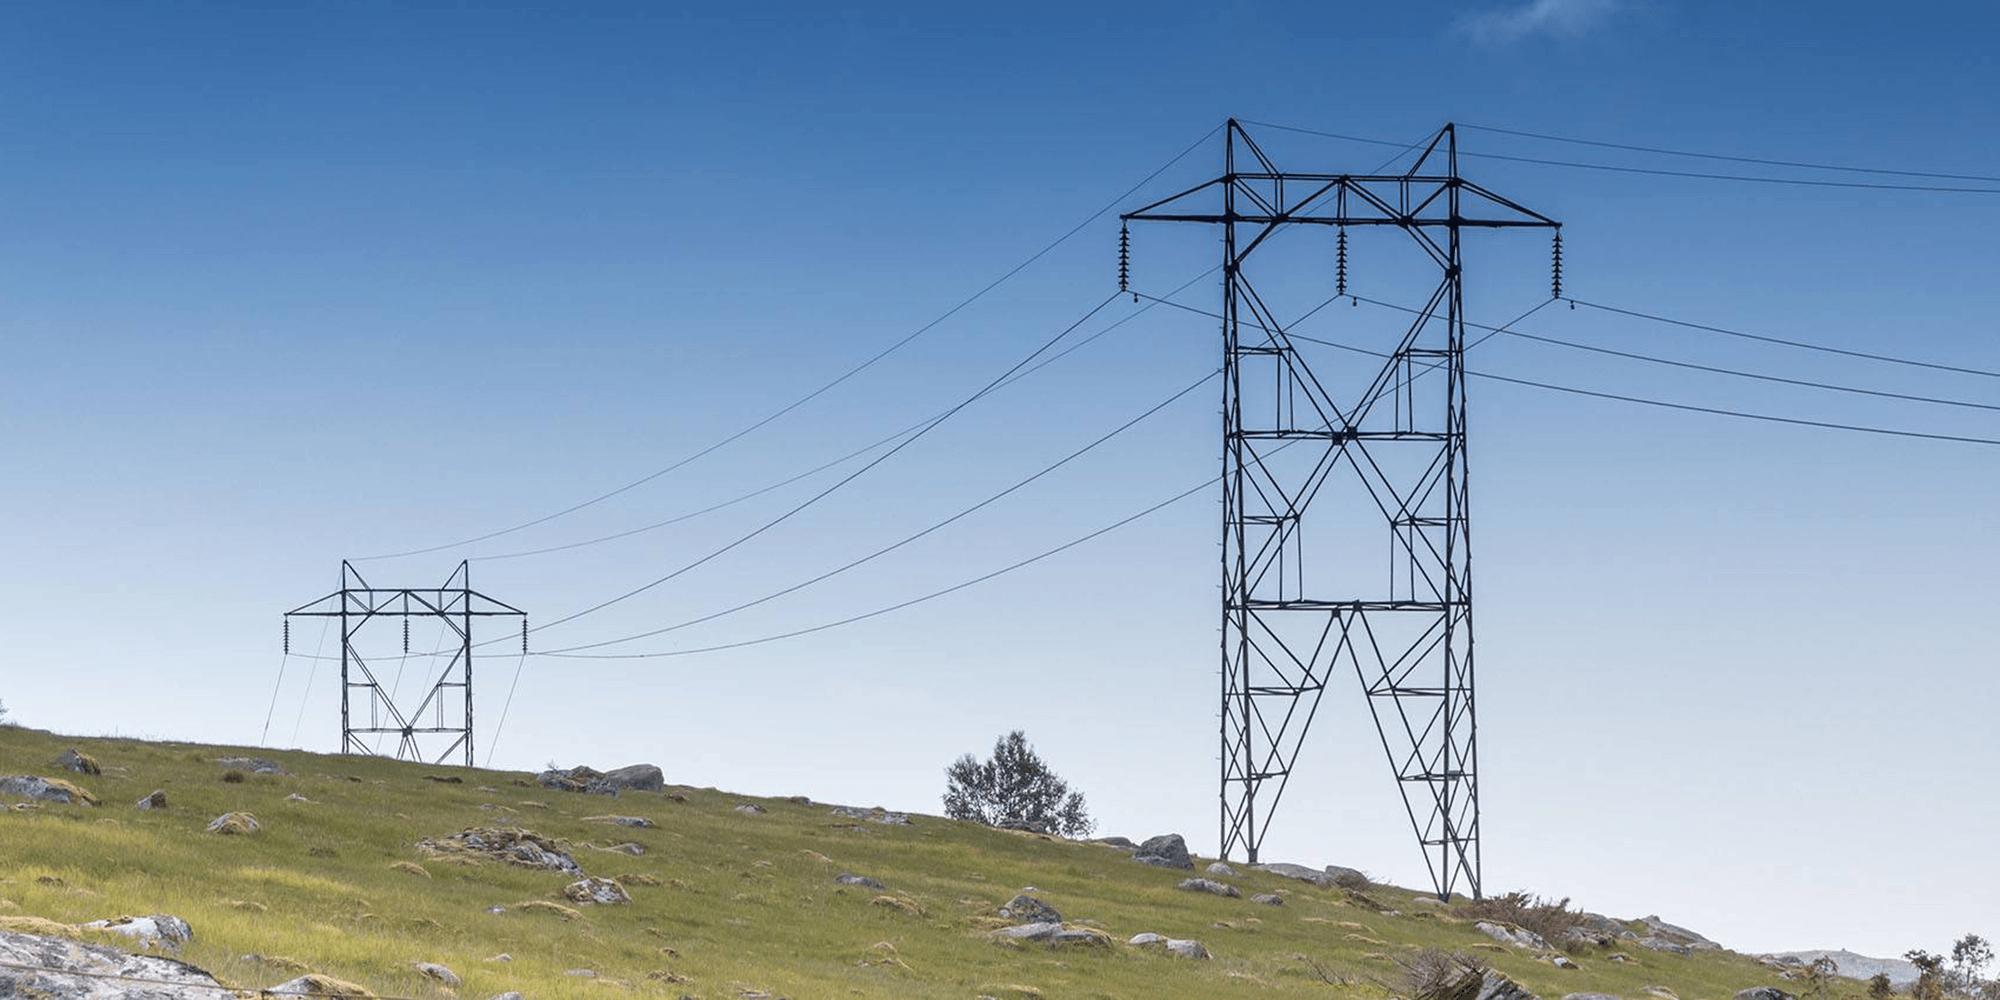 Bilde av strømmaster som strekker seg over et grønt landskap